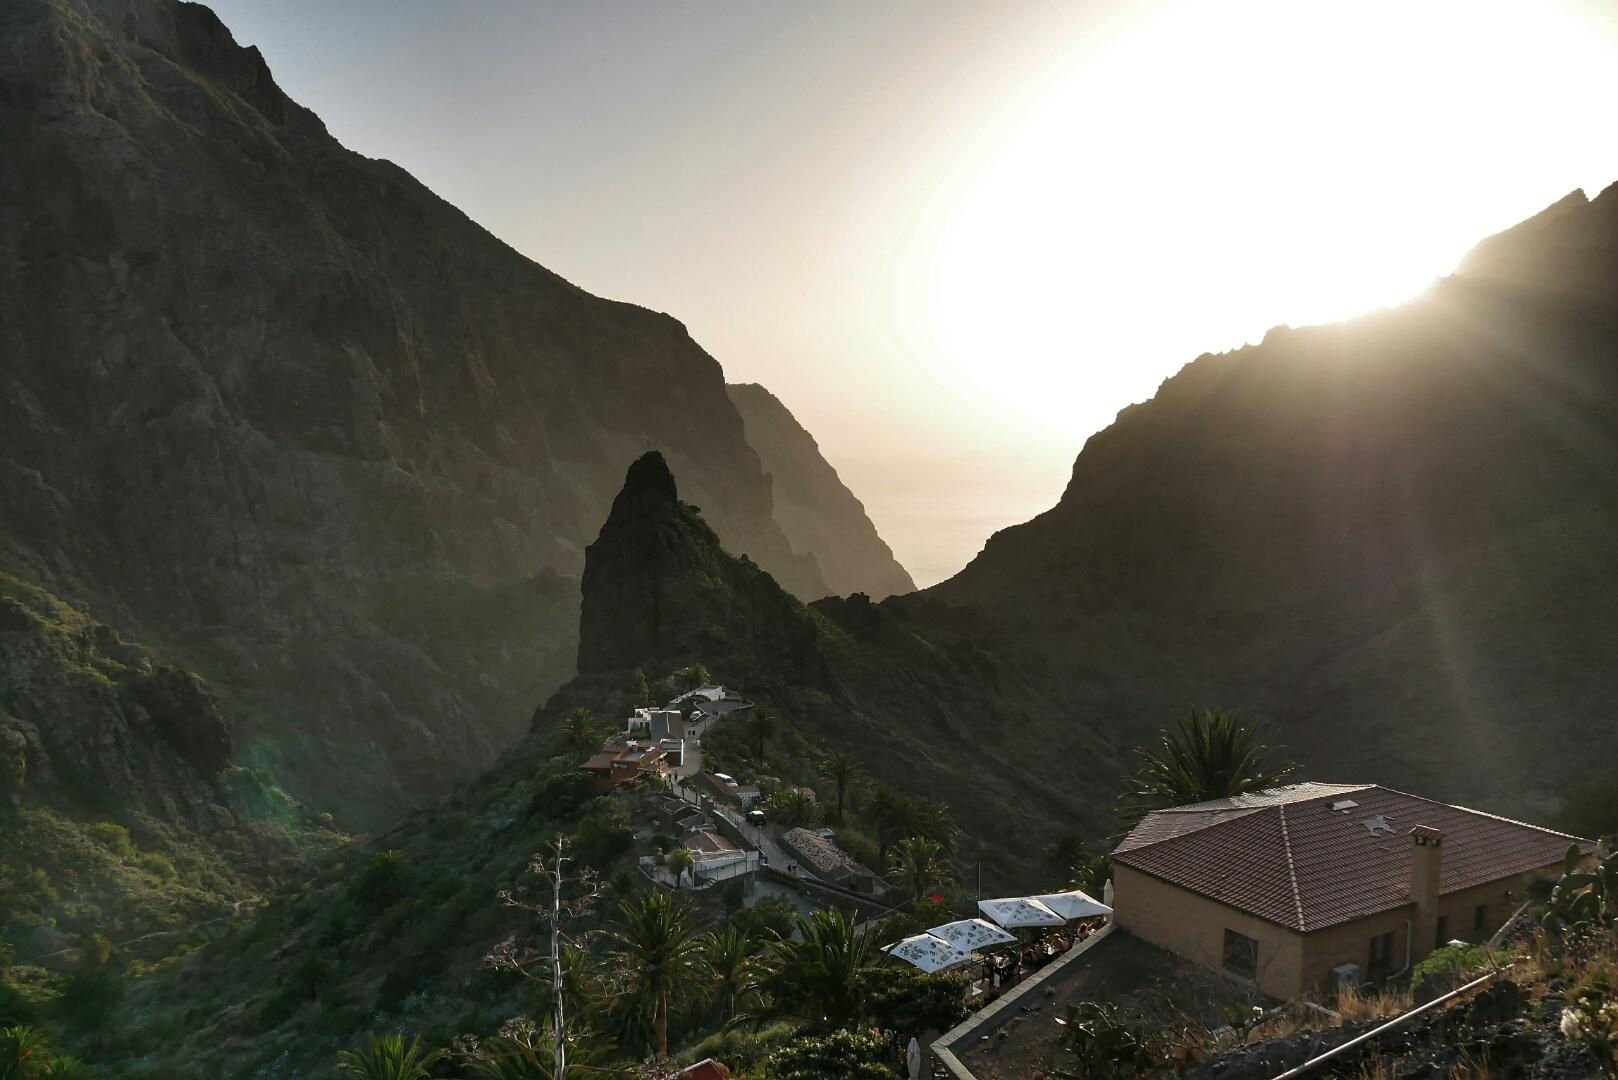 Soutězka Masca – klenot Tenerife